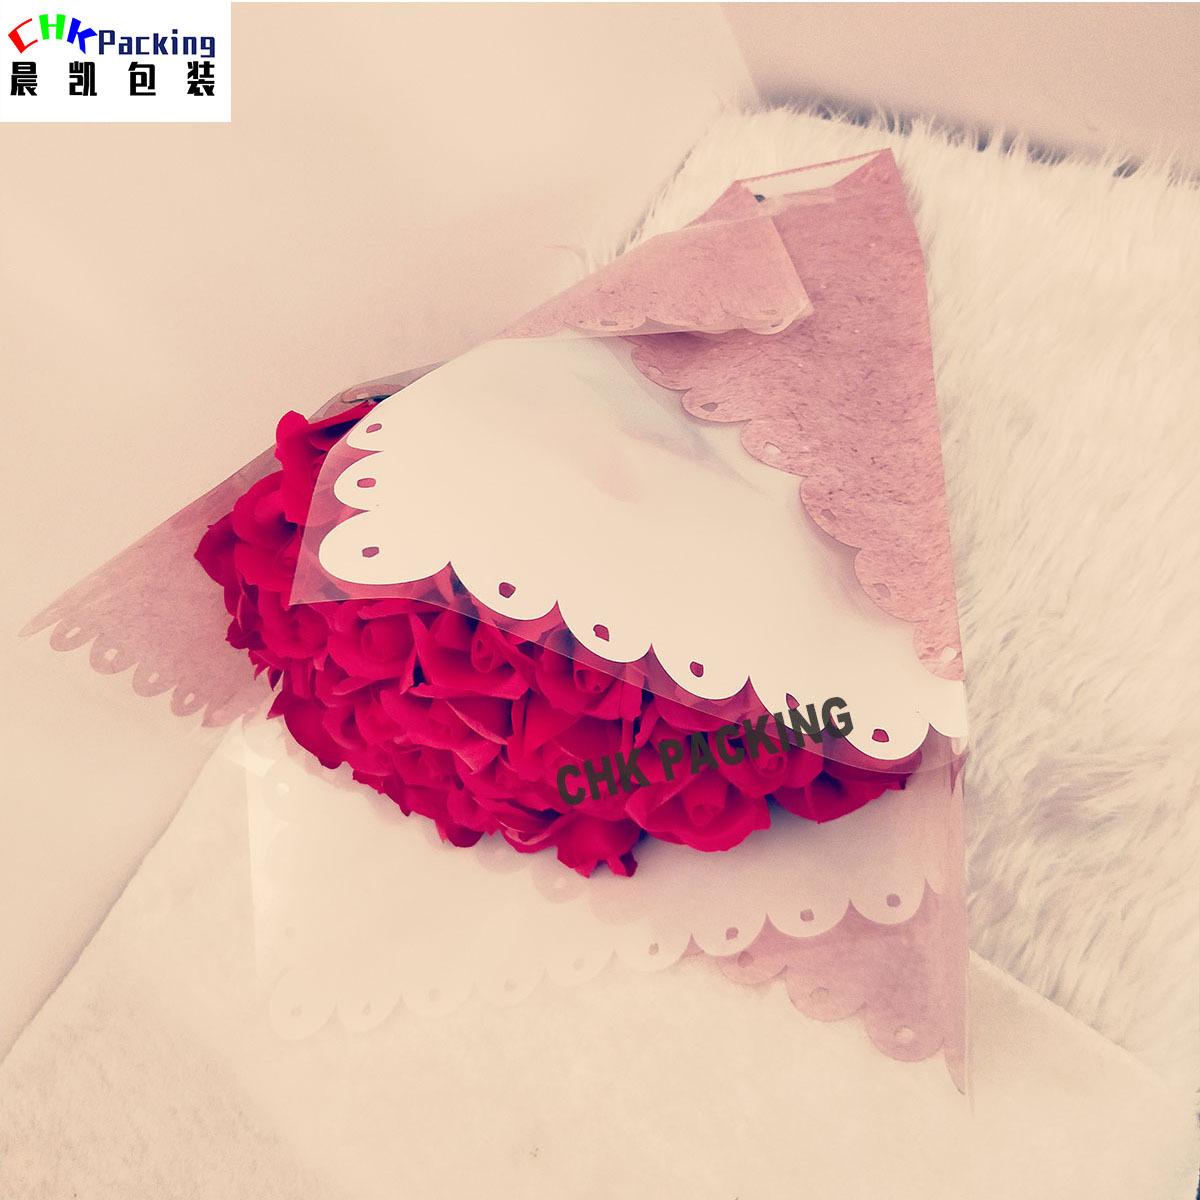 plastic flower wrap,plastic floral wrap, color flower plastic wrapplastic flower wrap,plastic floral wrap, color flower plastic wrap